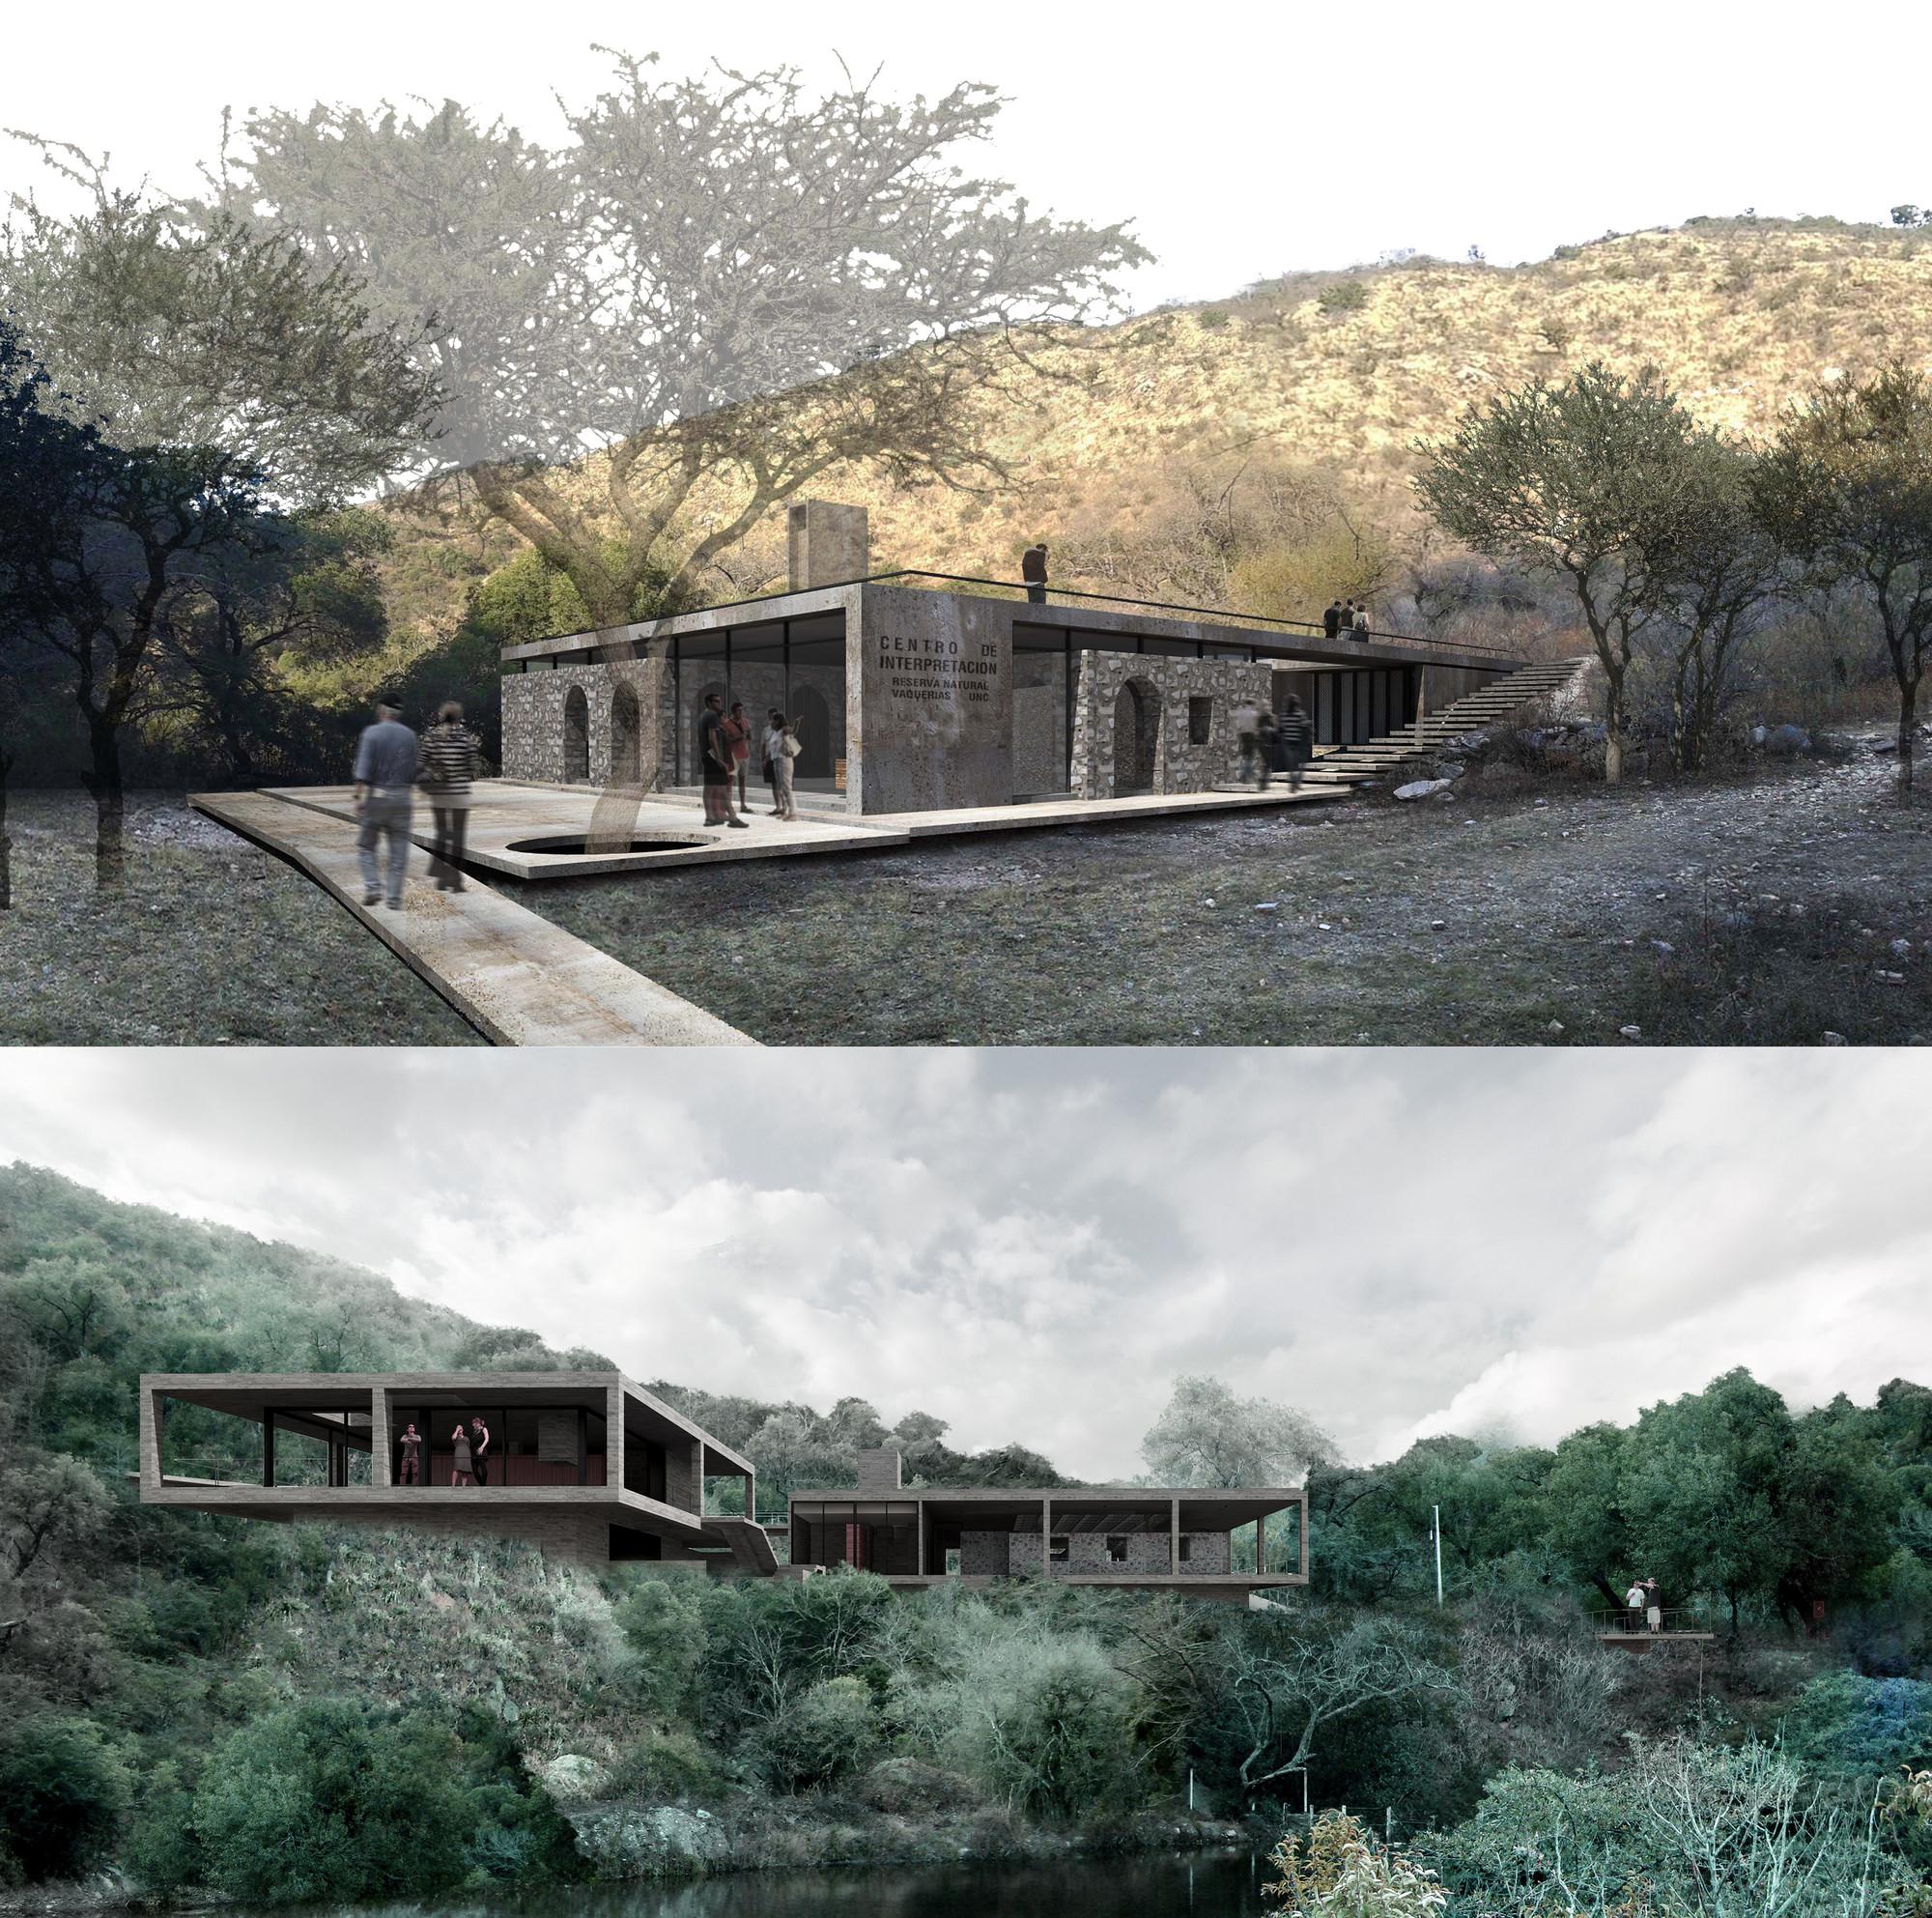 Segundo y Tercer lugar Concurso Nacional para El Centro de Interpretación Ambiental y Casa de Guardaparques Reserva Natural Vaquerias de Córdoba